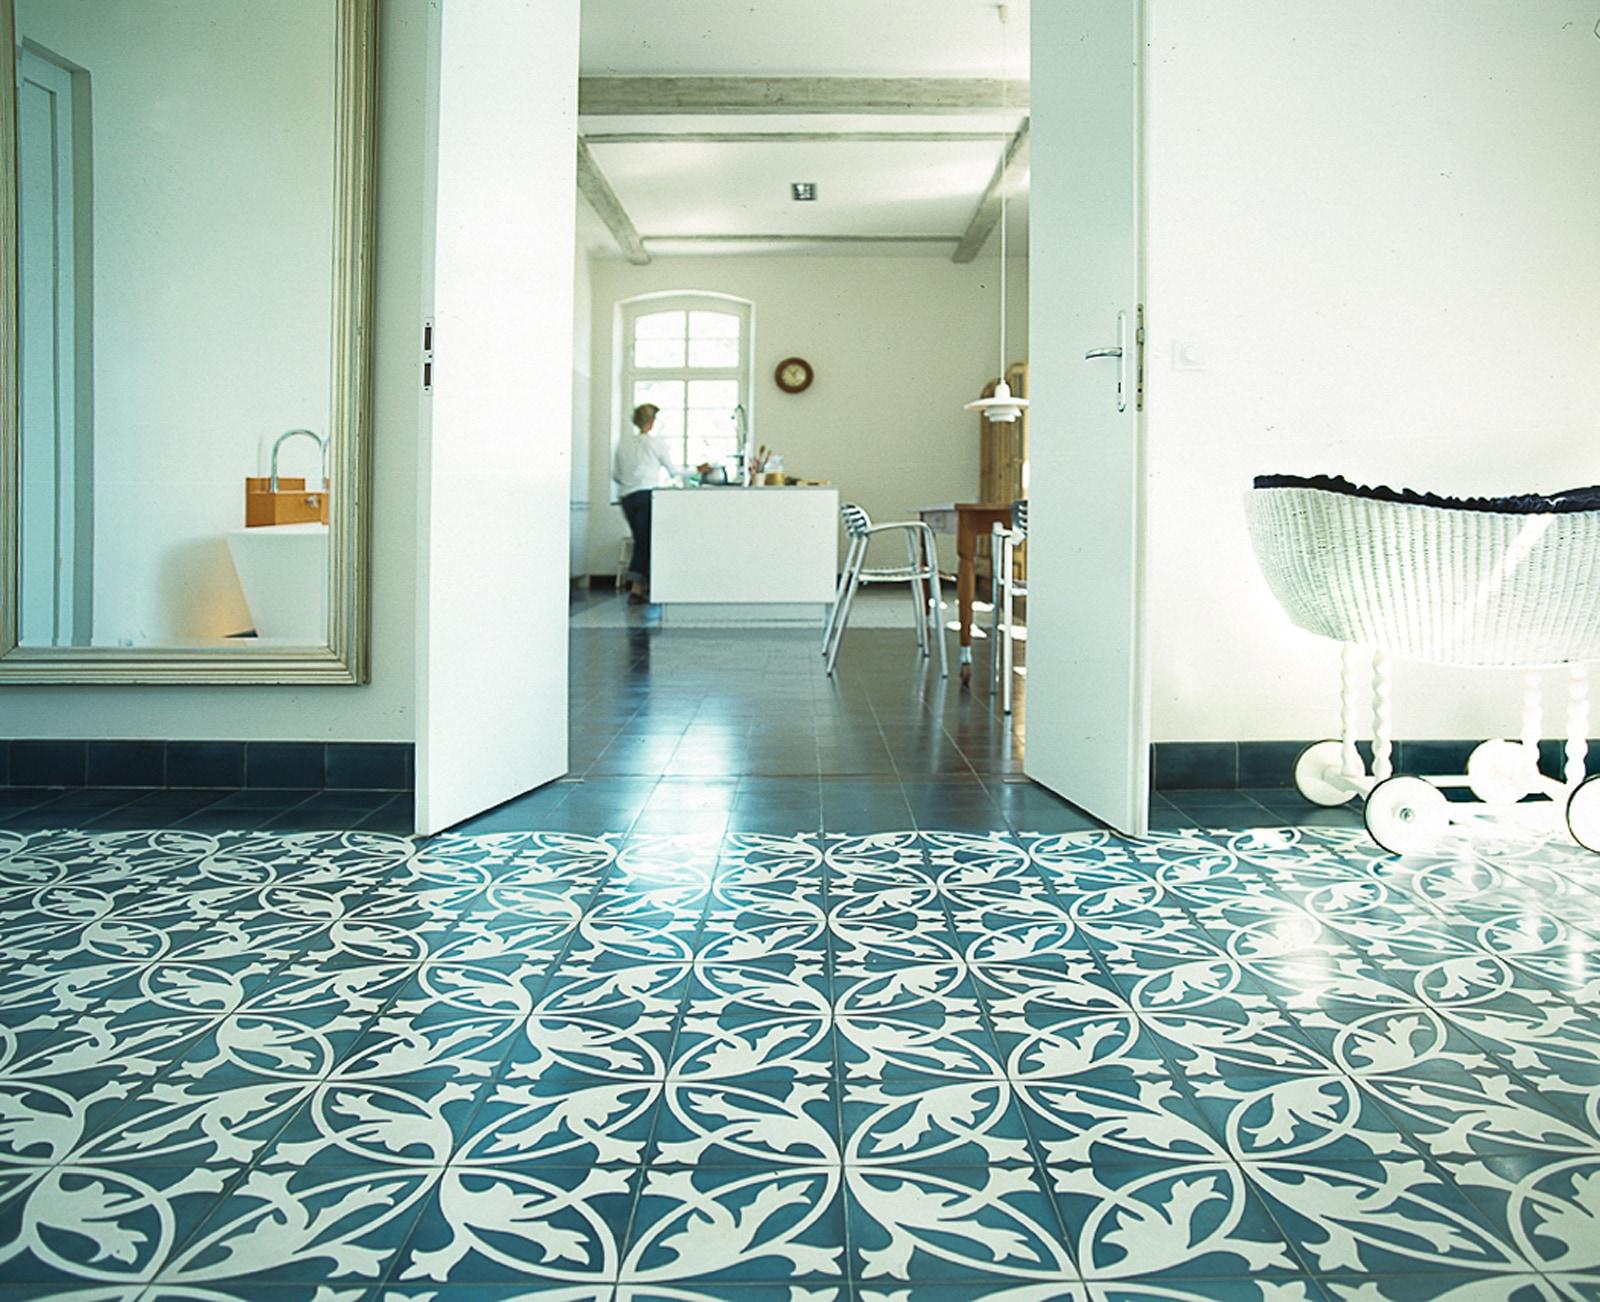 zementmosaikplatte-nummer-10843-living-via-gmbh | 10843